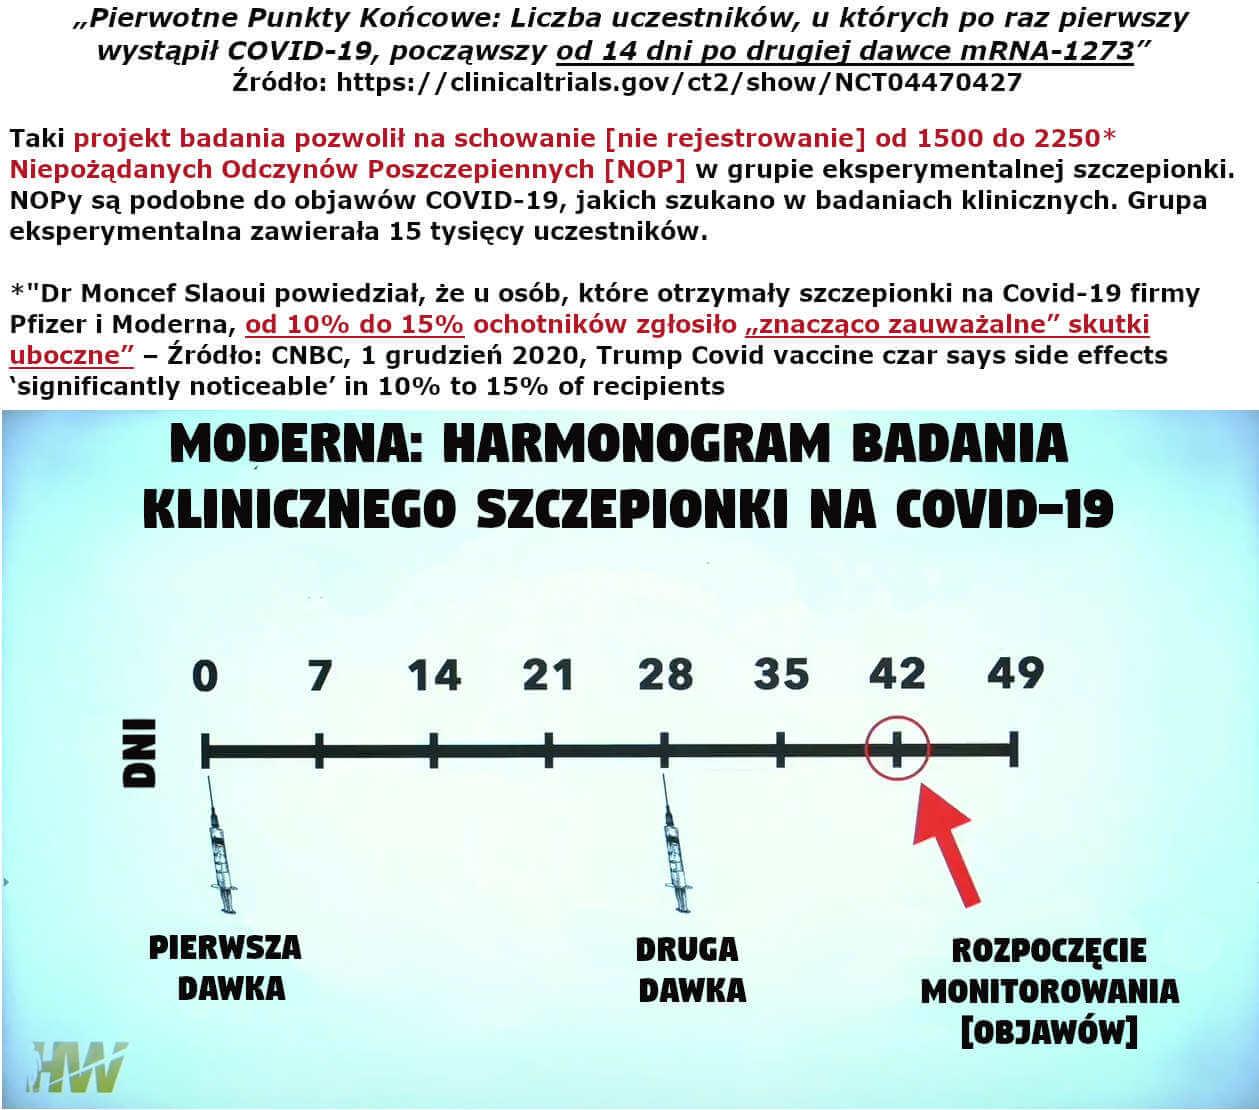 Moderna- harmonogram badania klinicznego szczepionki na COVID-19